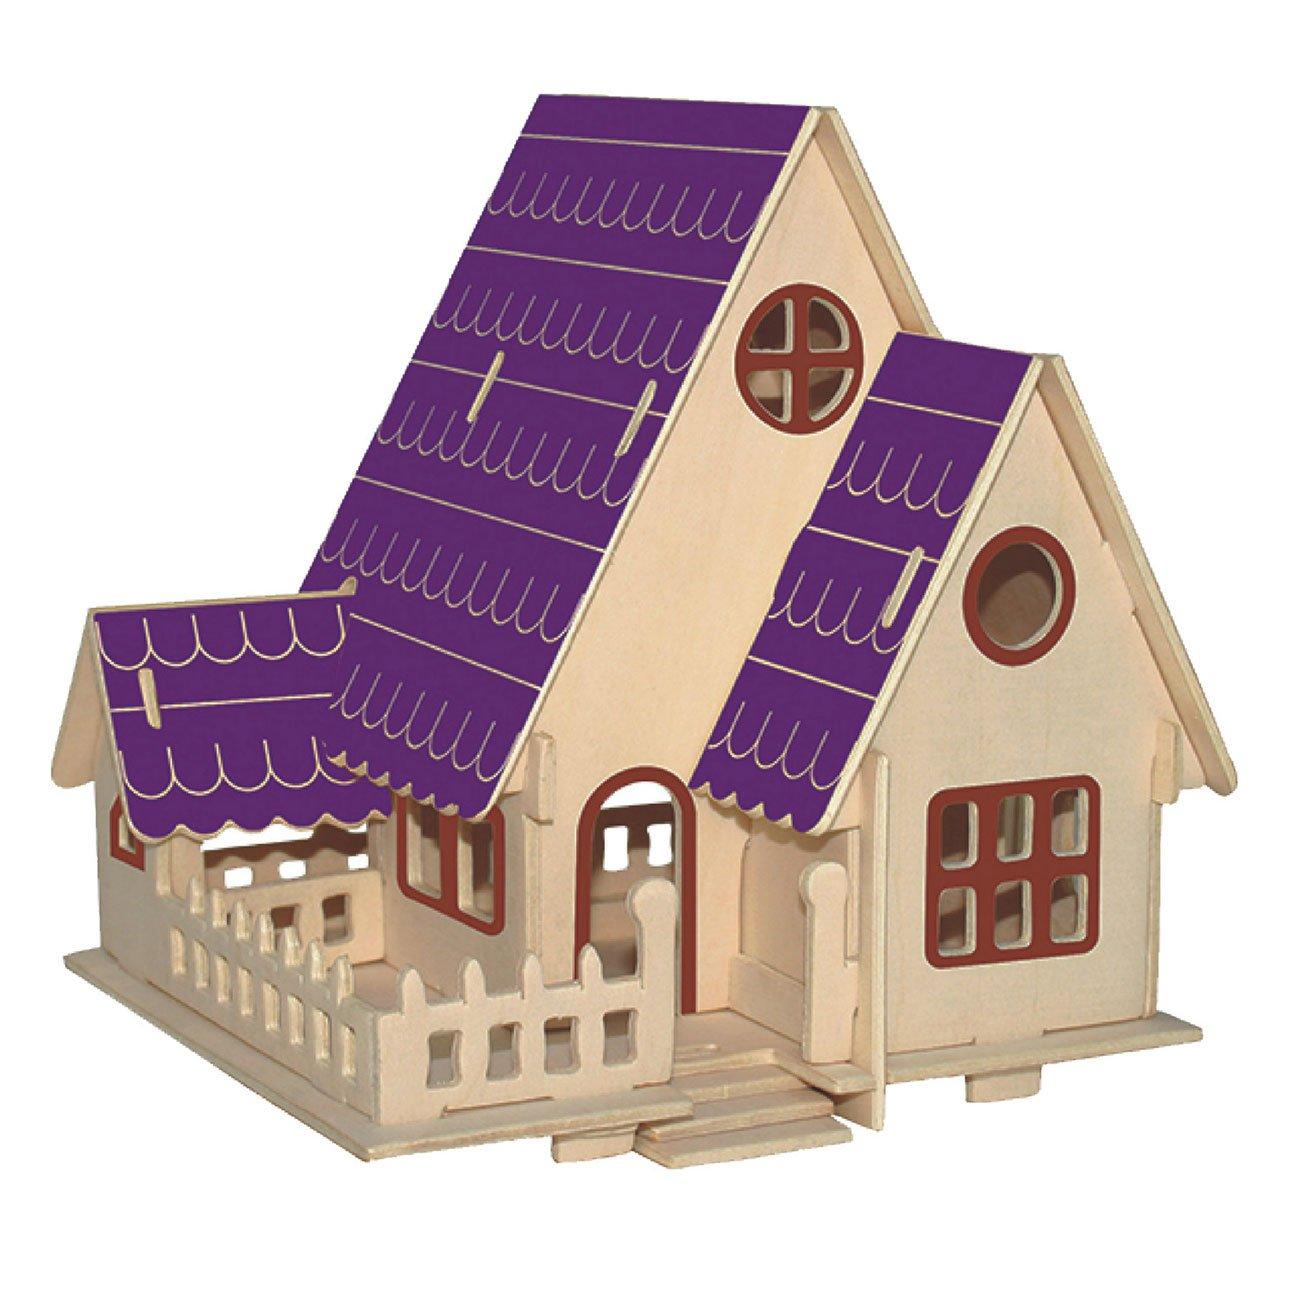 男女兼用 MIfX Woodcraft Constructionキットギフトfor Woodcraft Childrenカラーデザイン教育DIYおもちゃ3d木製ジグソーパズルアセンブリハンドメイド木製モデル M-9 森の別荘 森の別荘 M-9 B077M5PD3R, サクライ貿易:411f4bba --- a0267596.xsph.ru